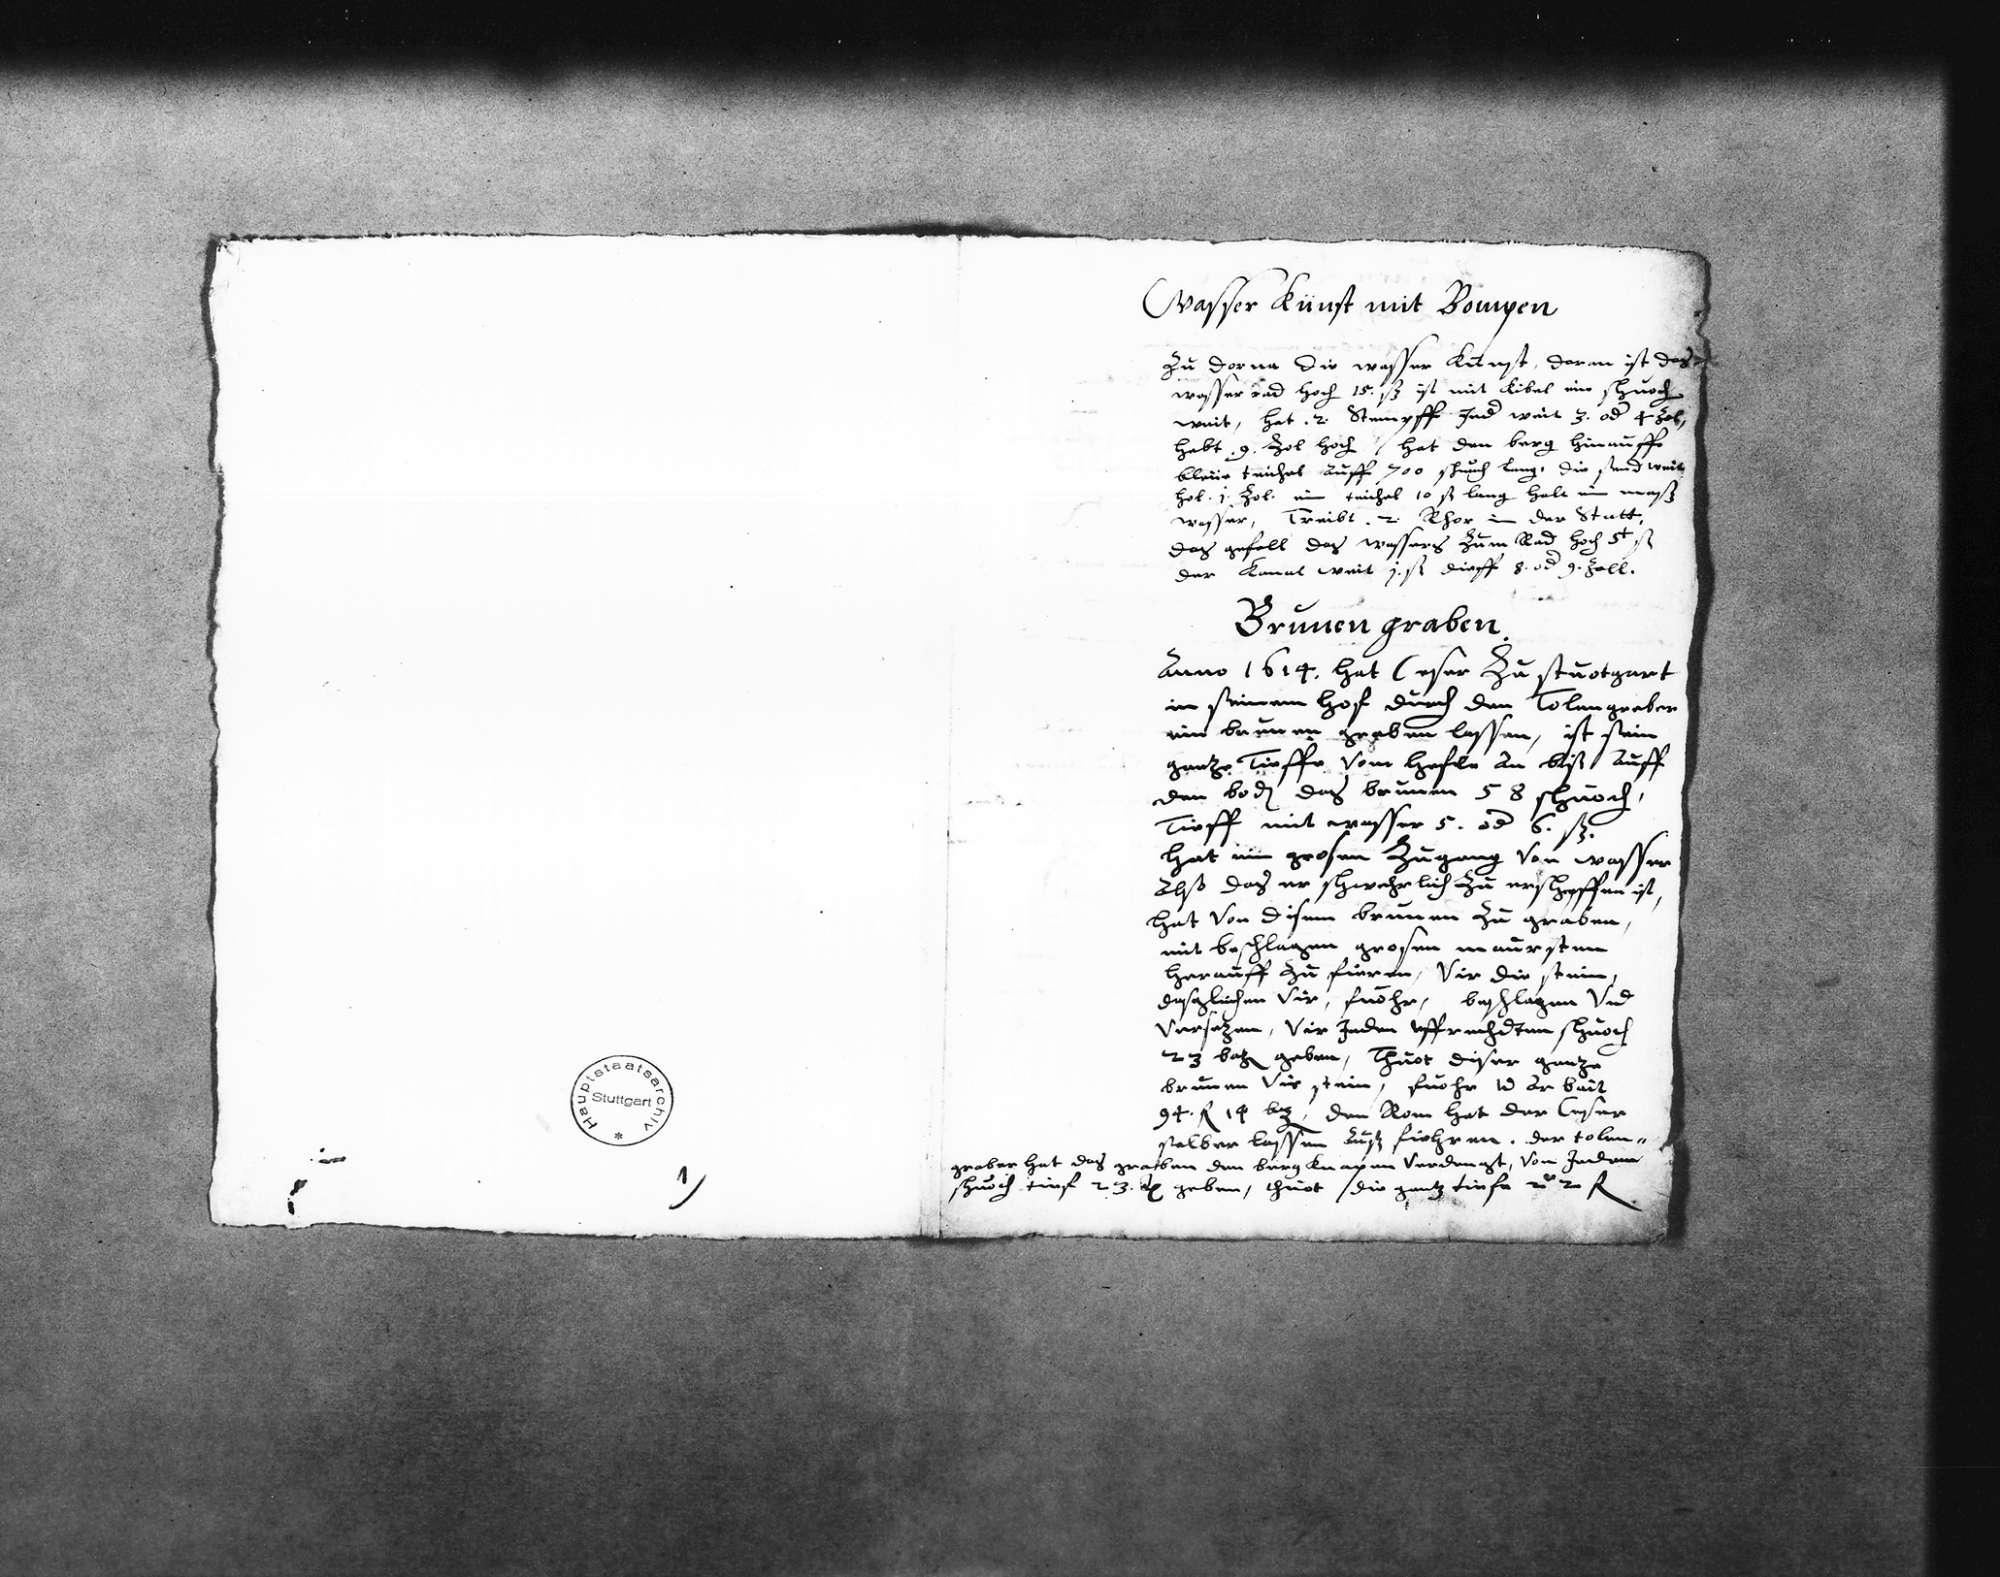 """Planungen mit Maßangaben und Lohnkosten für Arbeiten an einer Pumpanlage (""""Wasserkunst"""") in Dorna (?) (Dornach?), für das Graben von Brunnen in Stuttgart, Gaisburg und Degerloch u. a. durch den Dolengräber Caspar Rauch, welcher dafür Bergknappen anstellte, Angaben über deren Löhne, auch für den 1614 im Hof von Zaiser (""""Ceser"""") in Stuttgart gegrabenen Brunnen und den für Bürgermeister Finck (Folio Doppelblatt), Bild 1"""